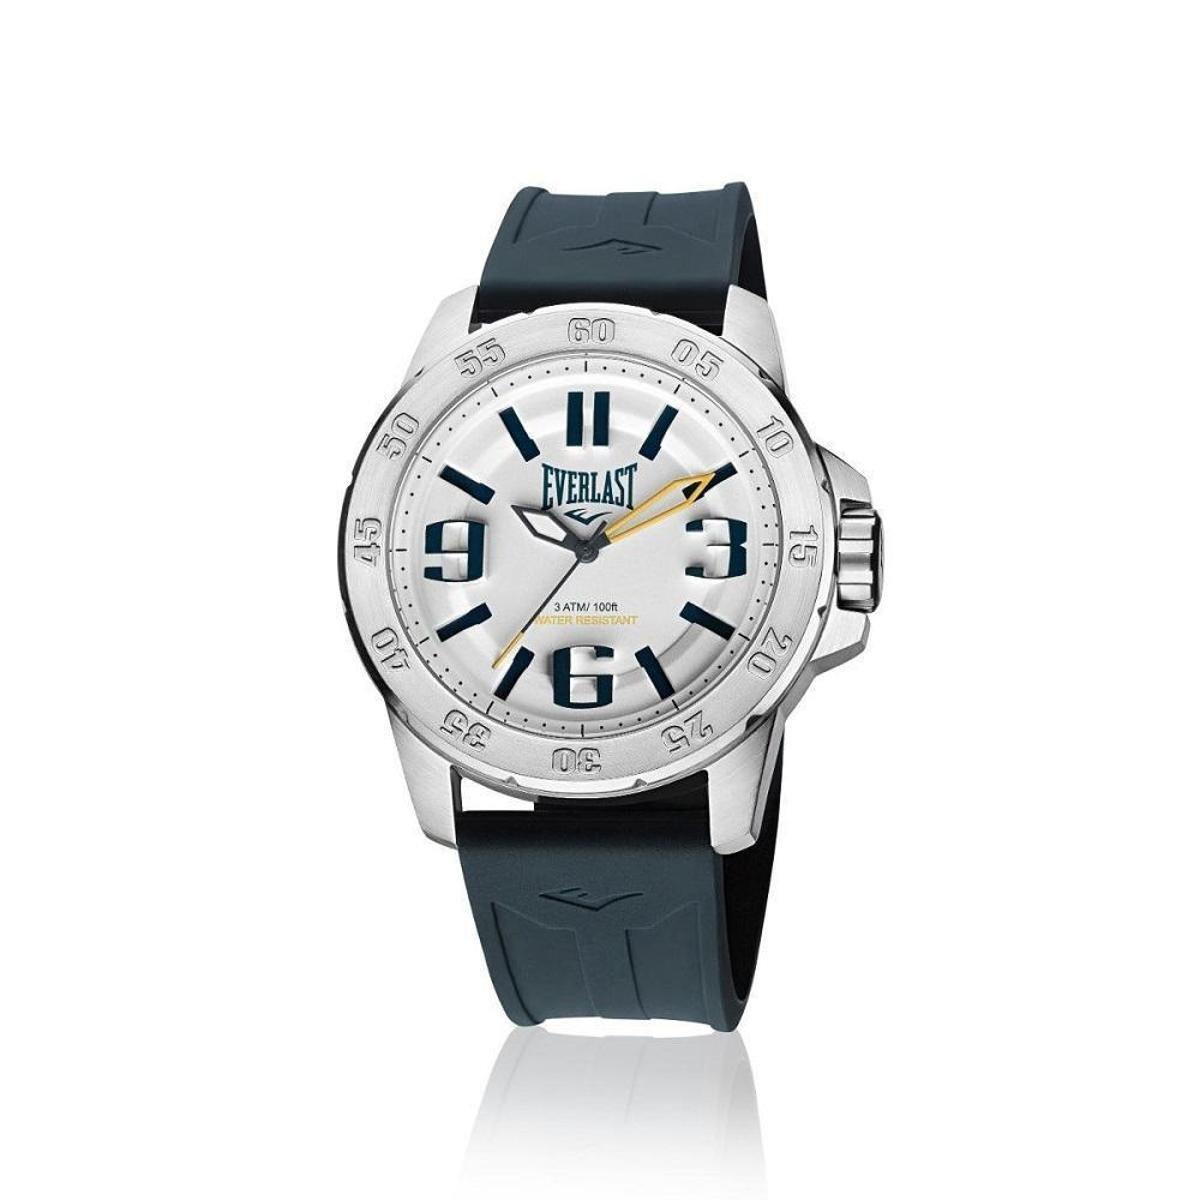 98854a22511 Relógio Pulso Everlast E698 Caixa Aço E Pulseira Silicone - Branco - Compre  Agora